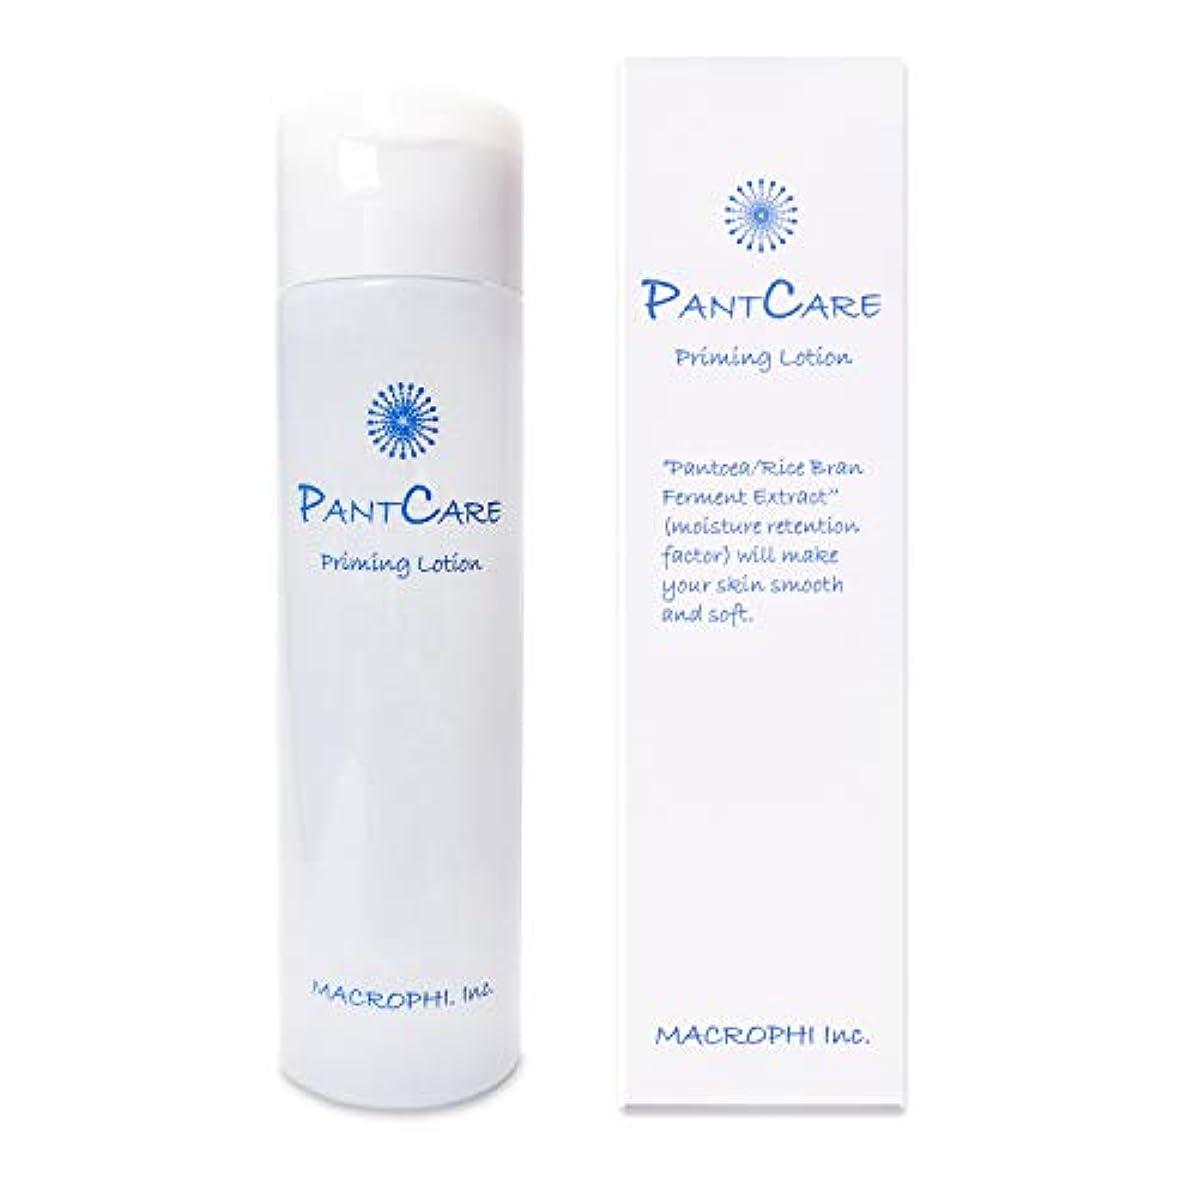 入射ガード幹LPS 「パントケア プライミングローション」 (120ml) リポポリサッカライド配合 化粧水 (マクロ元気 シリーズ)